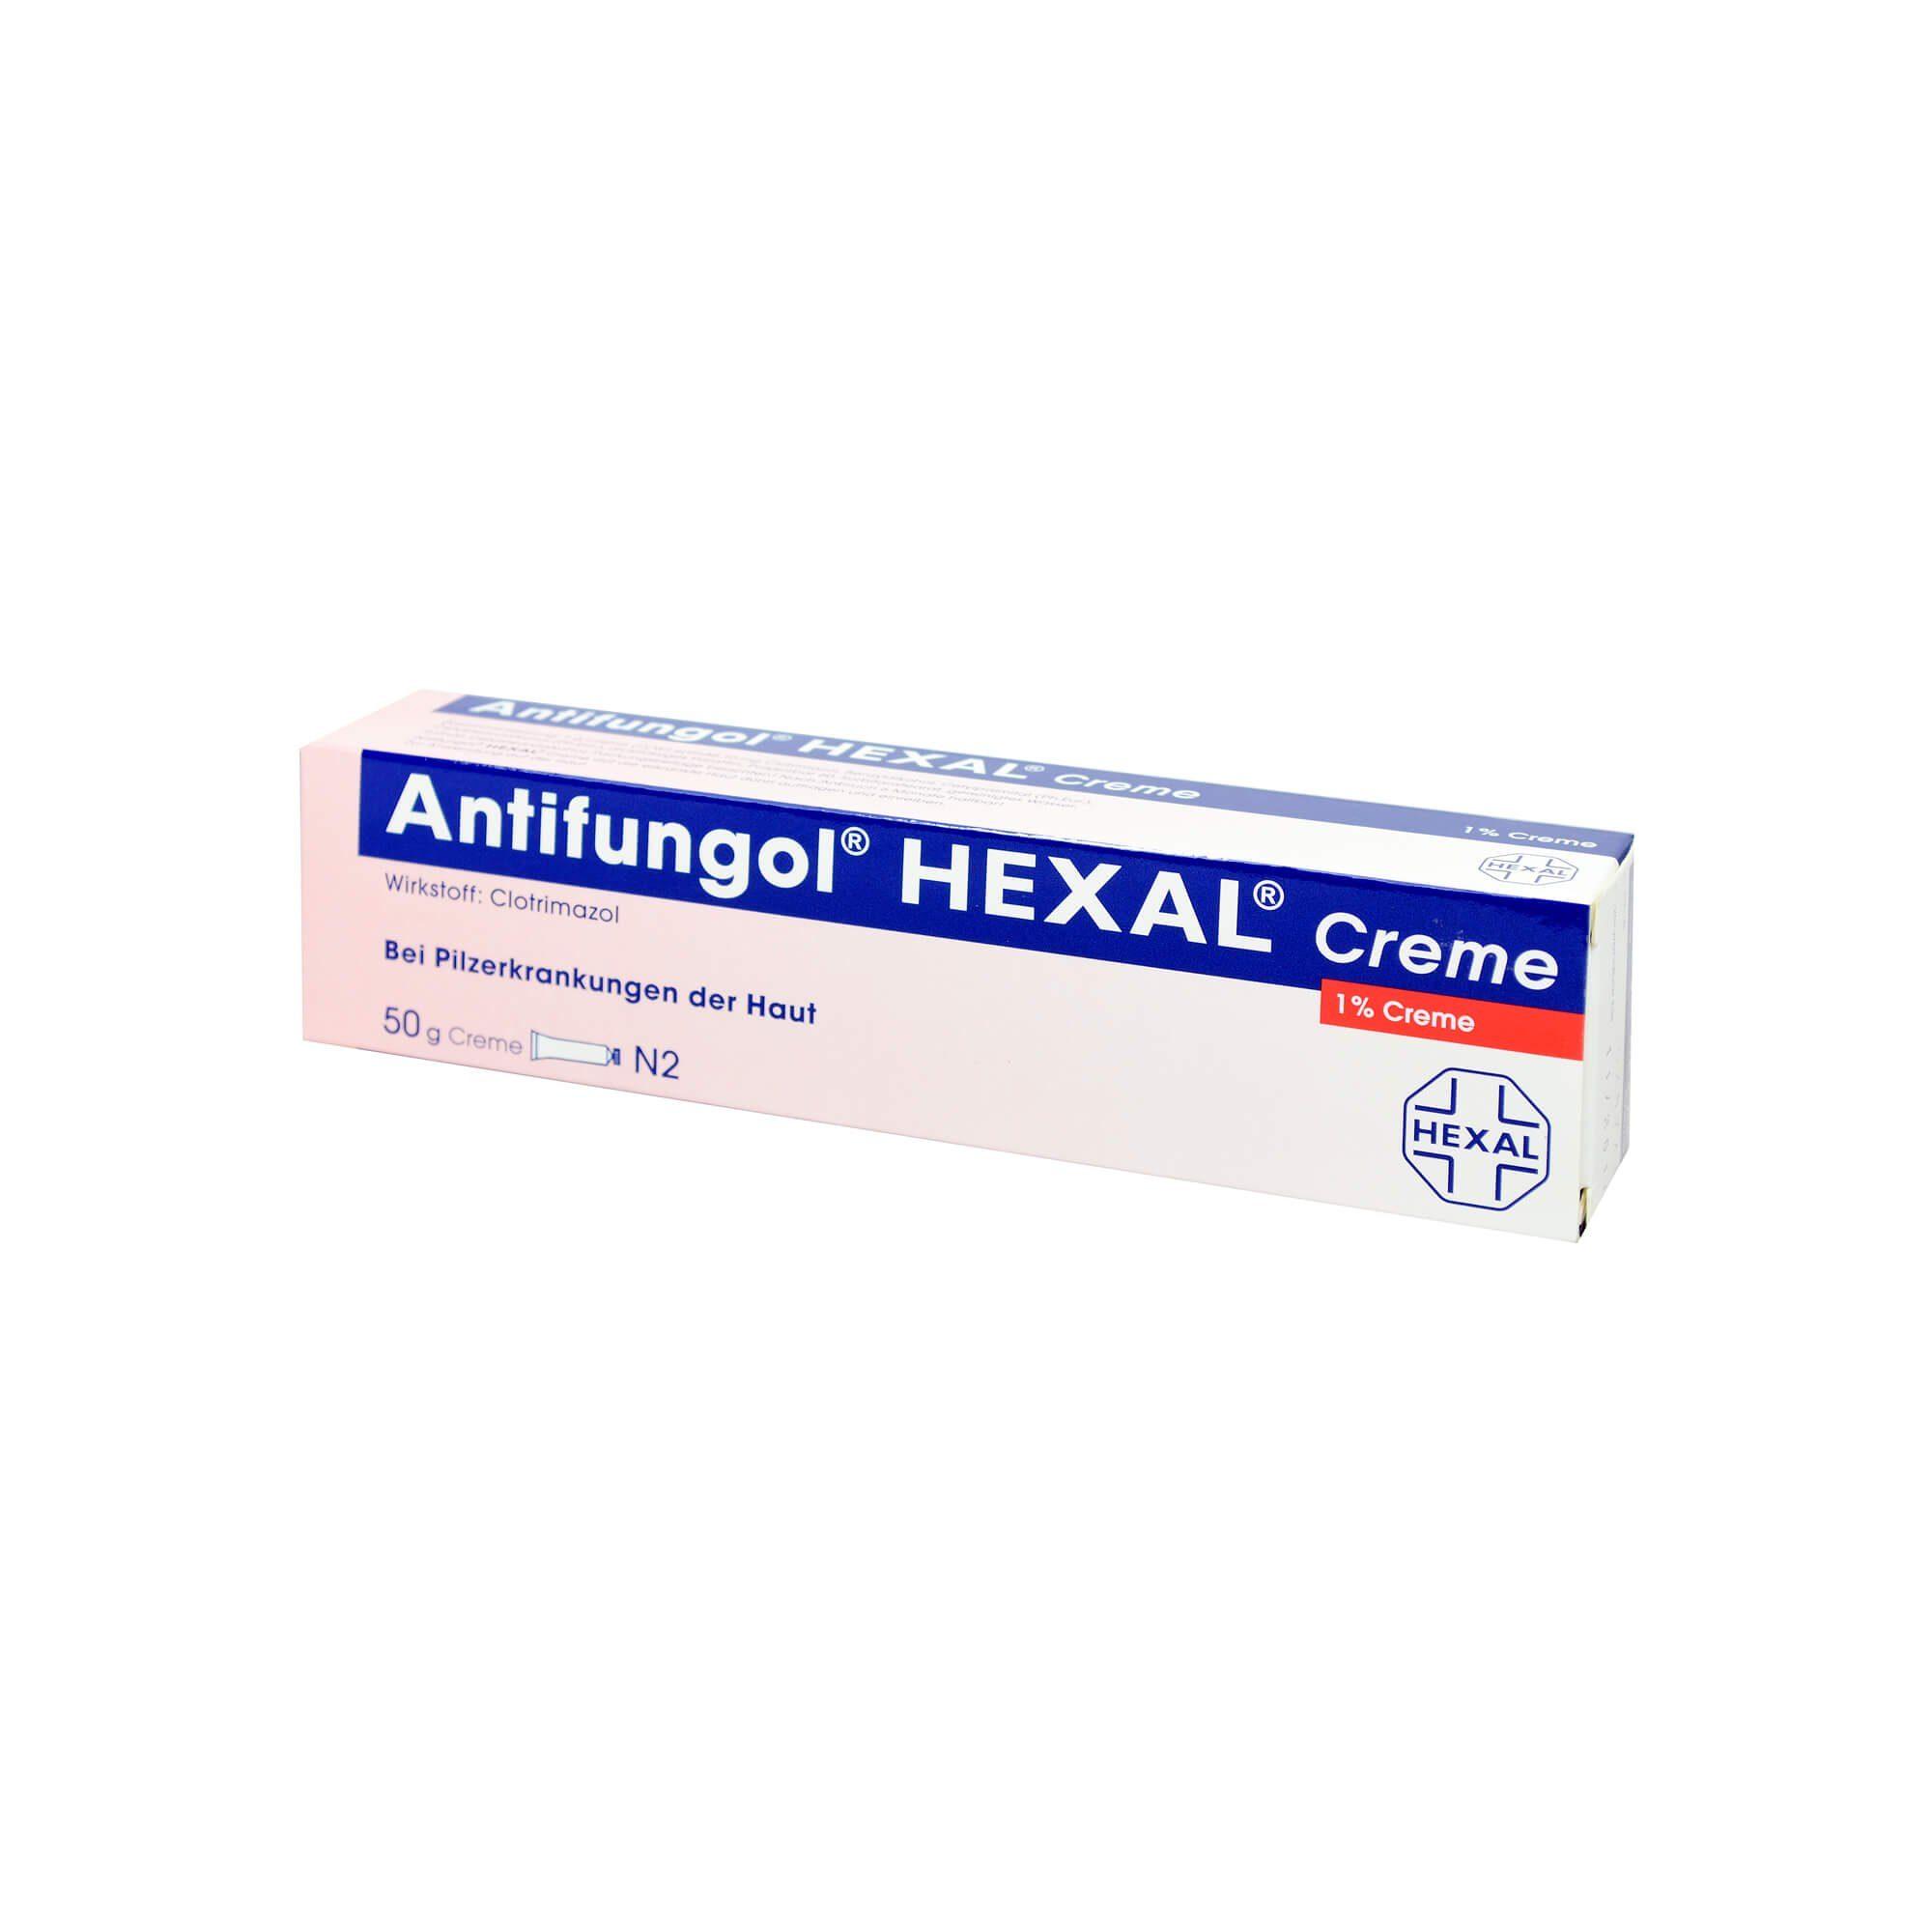 Hexal Antifungol Hexal Creme , 50 g